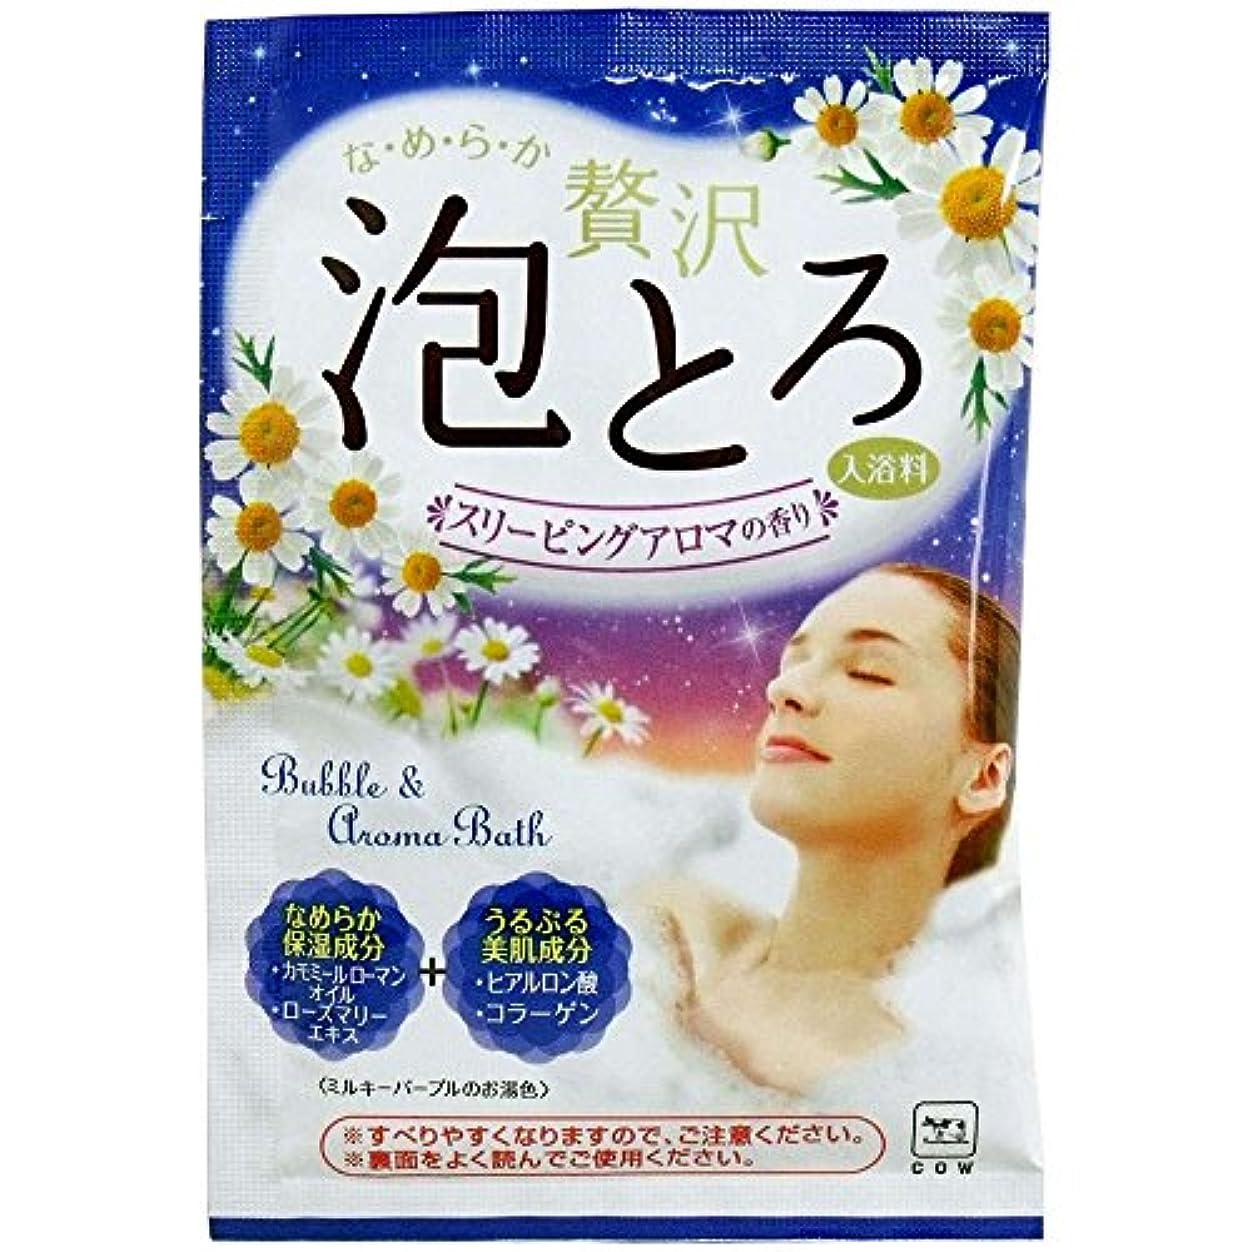 隣接するニュース仮称牛乳石鹸共進社 お湯物語 贅沢泡とろ 入浴料 スリーピングアロマの香り 30g